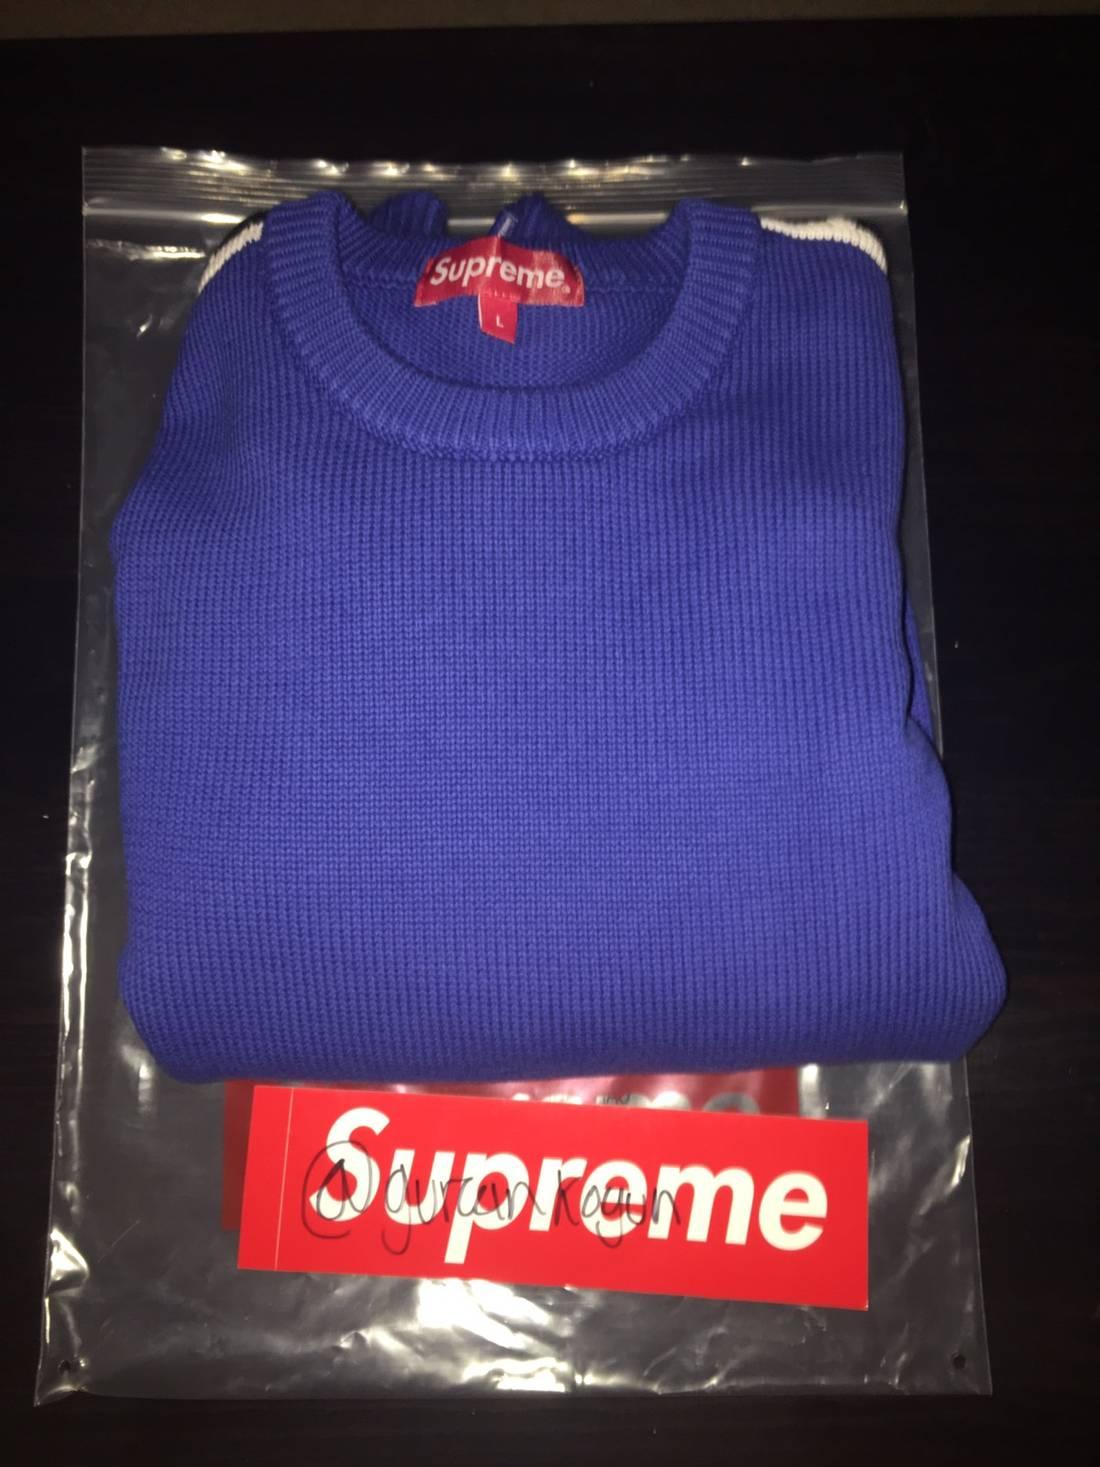 Supreme Sleeve Stripe Sweater Blue Size l - Sweaters & Knitwear ...